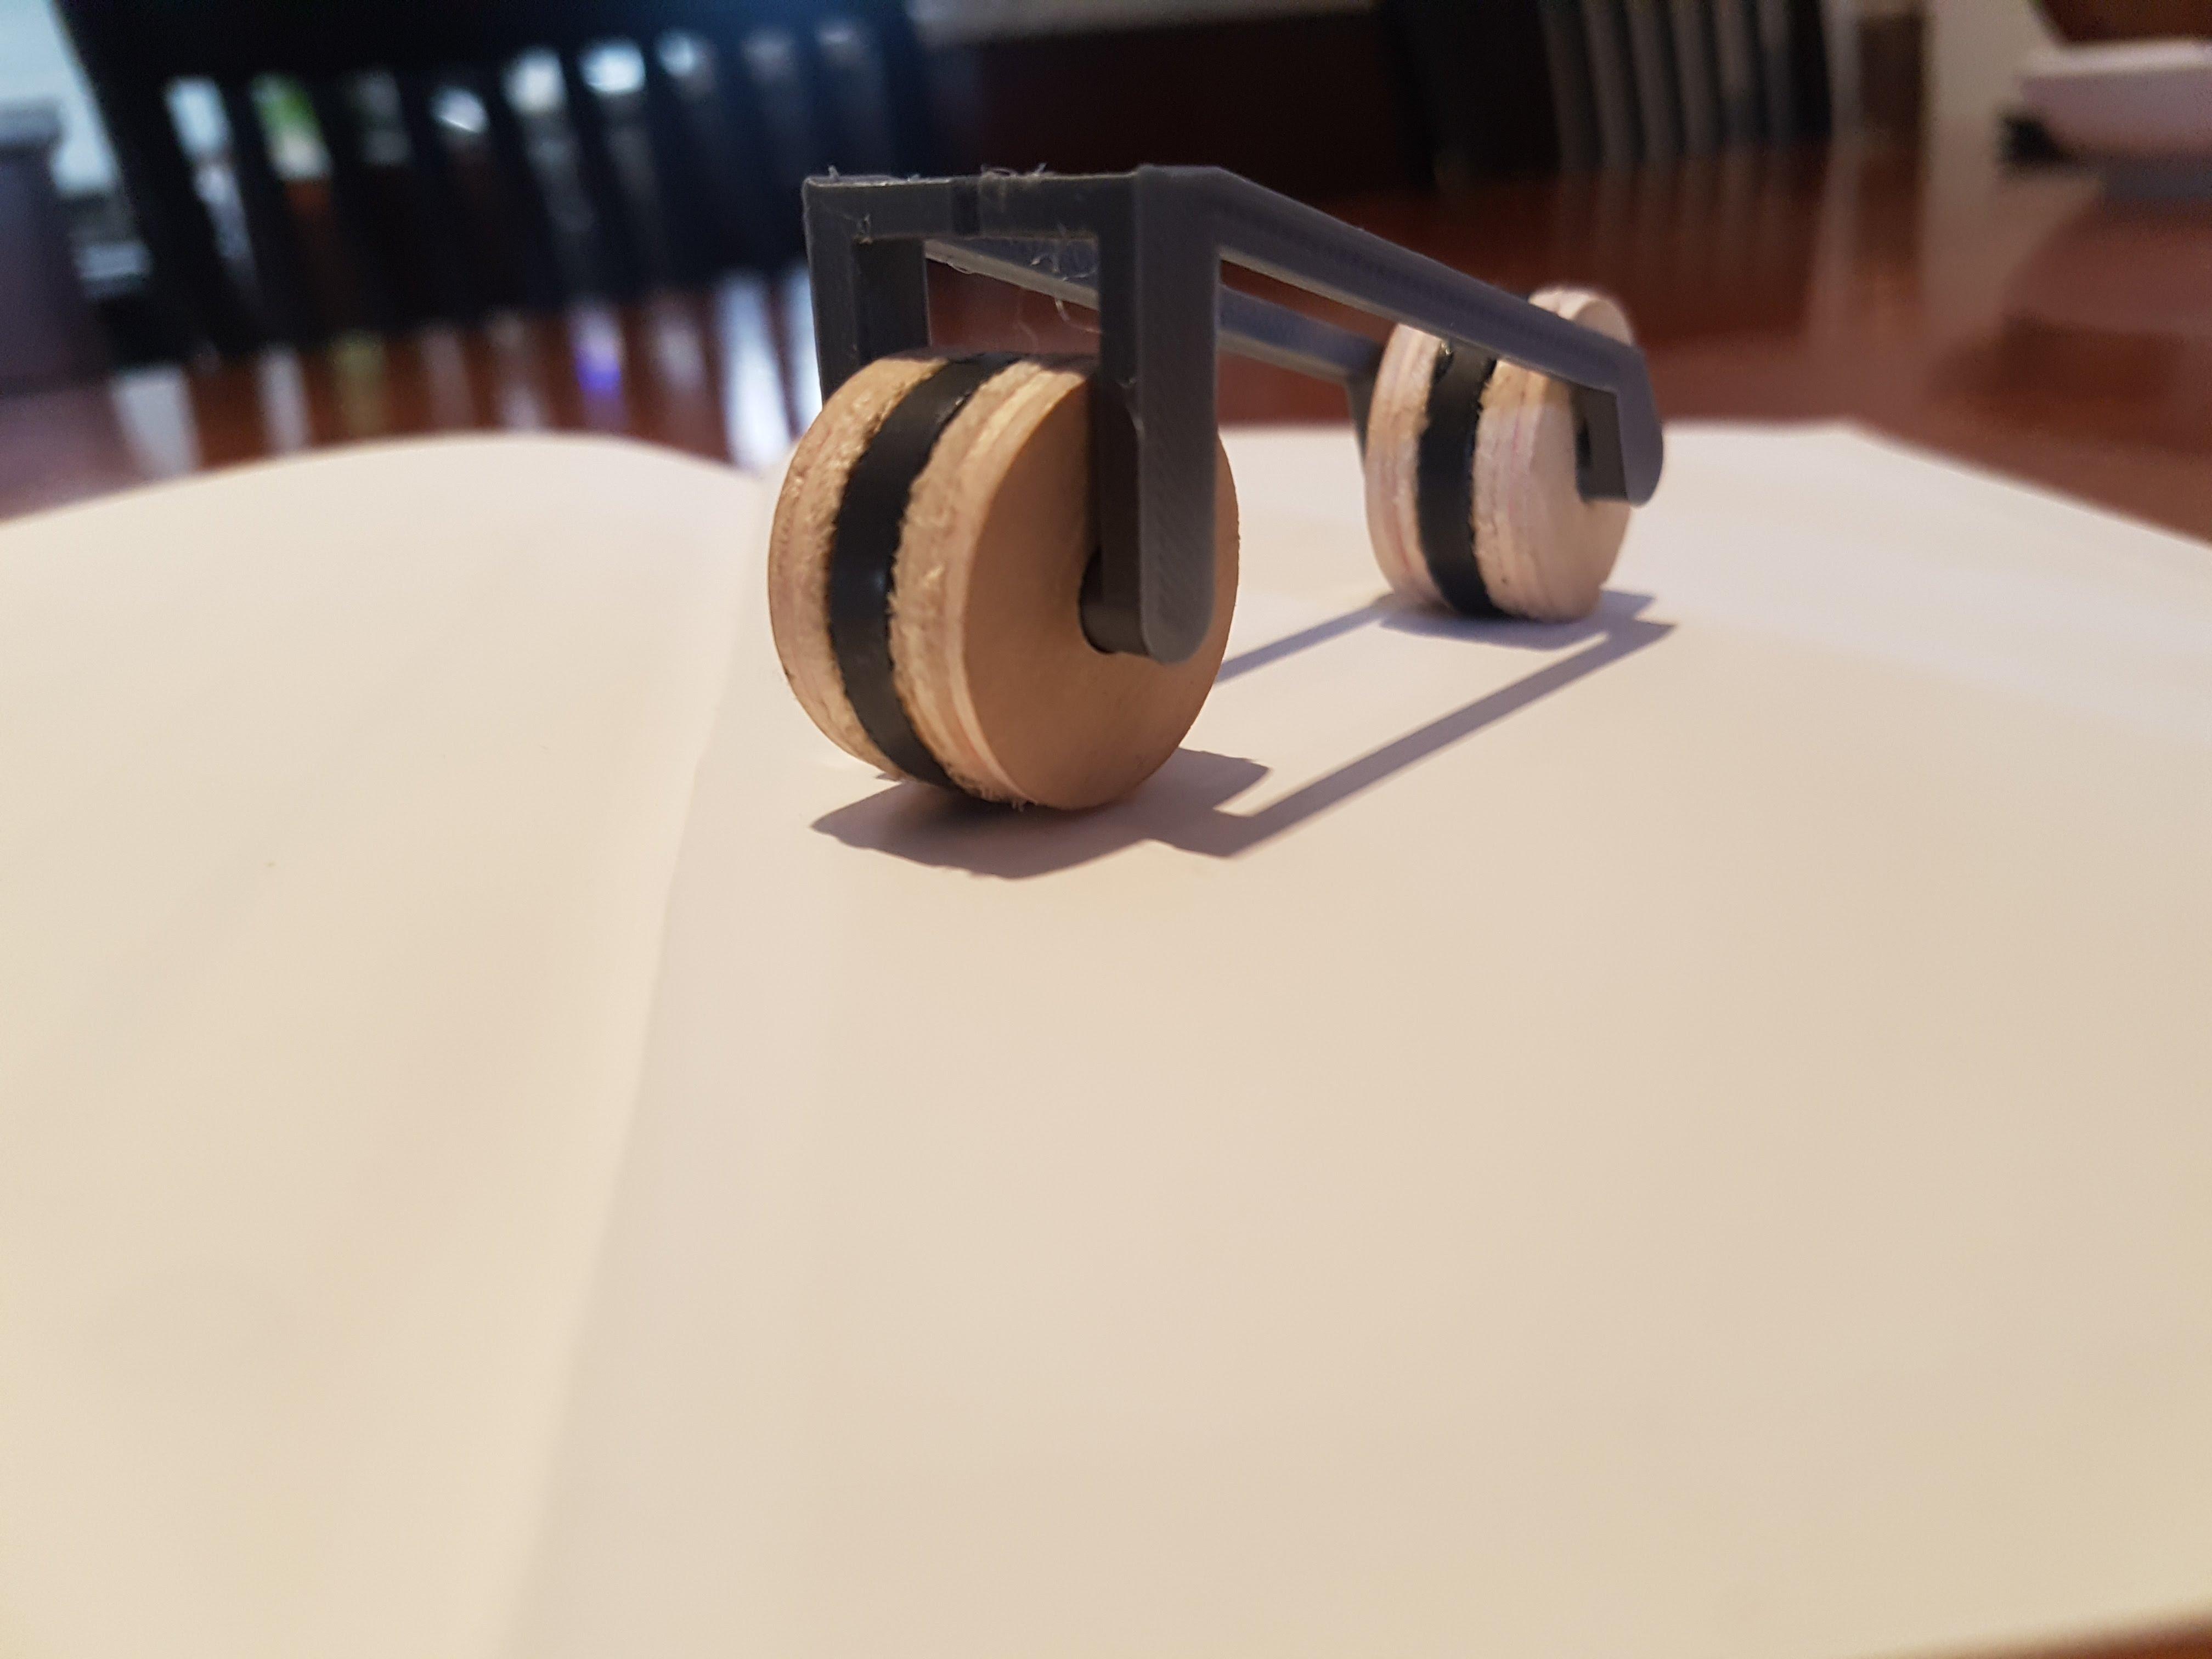 Primary prototype